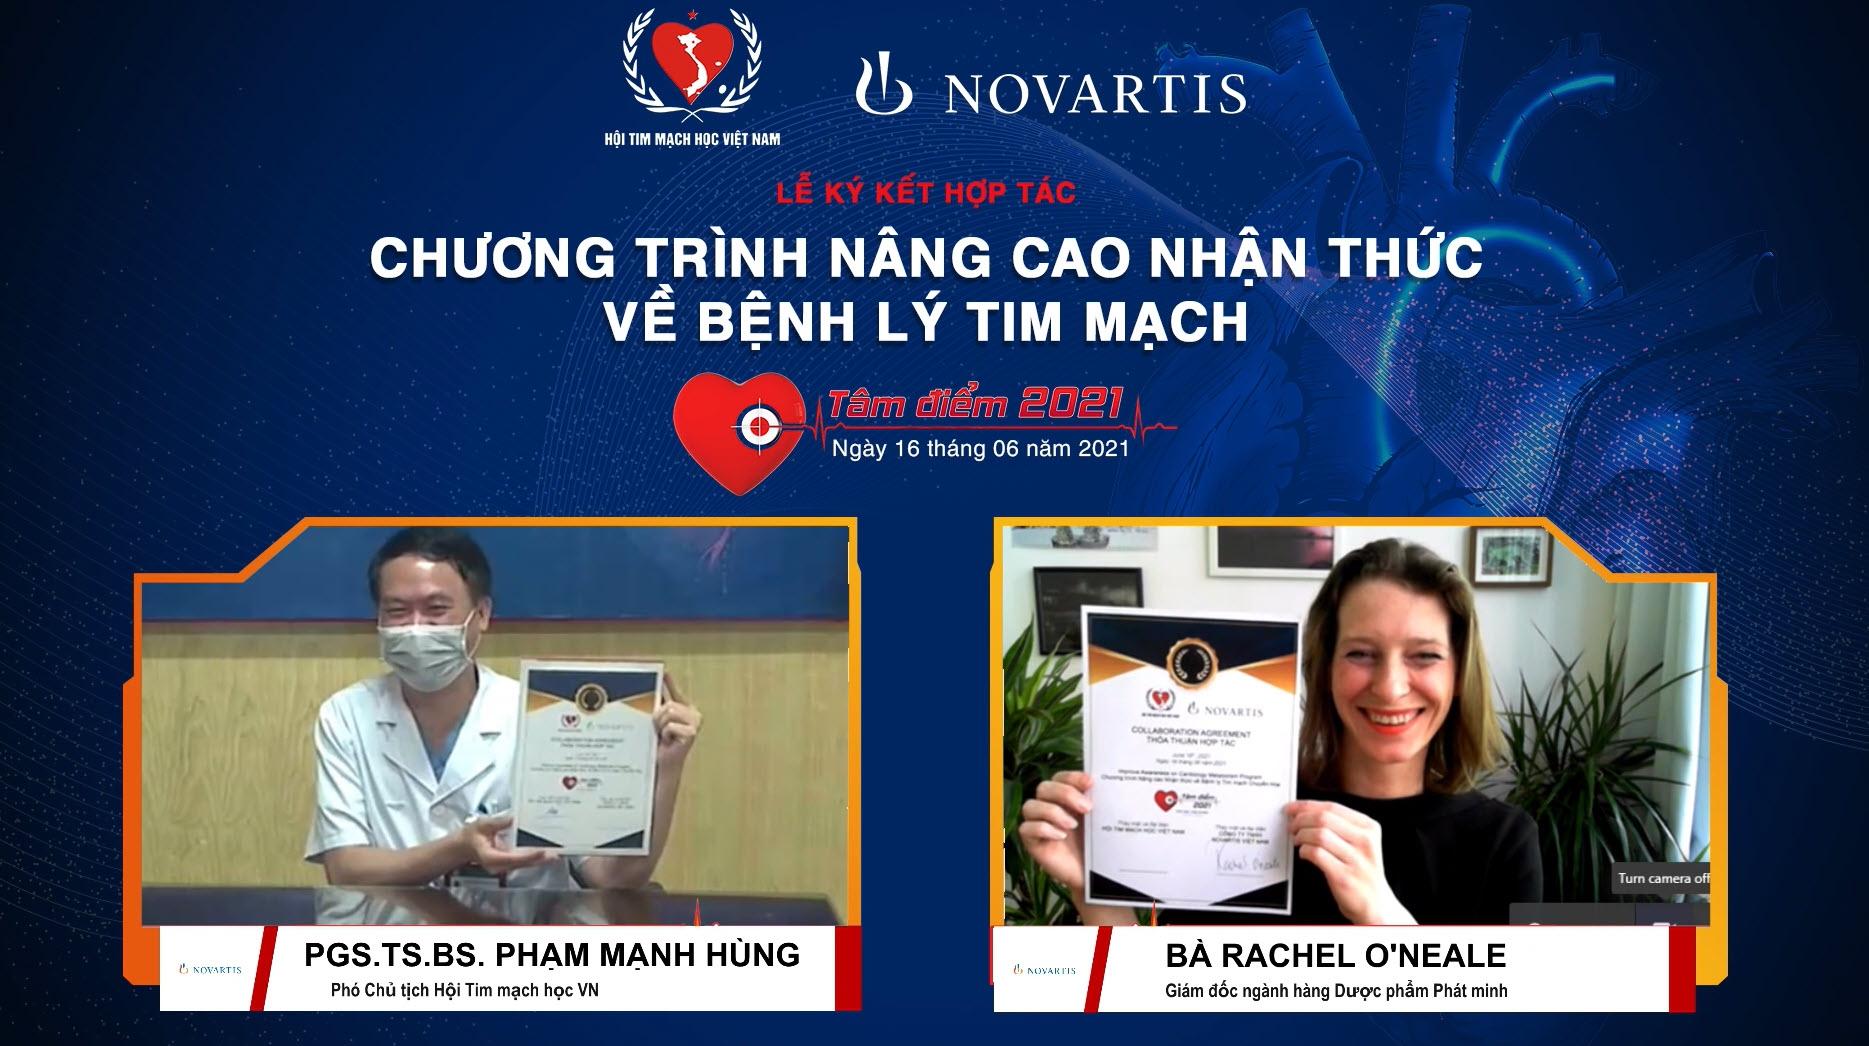 Vietnam Heart Association, Novartis Vietnam partner to promote cardiovascular education